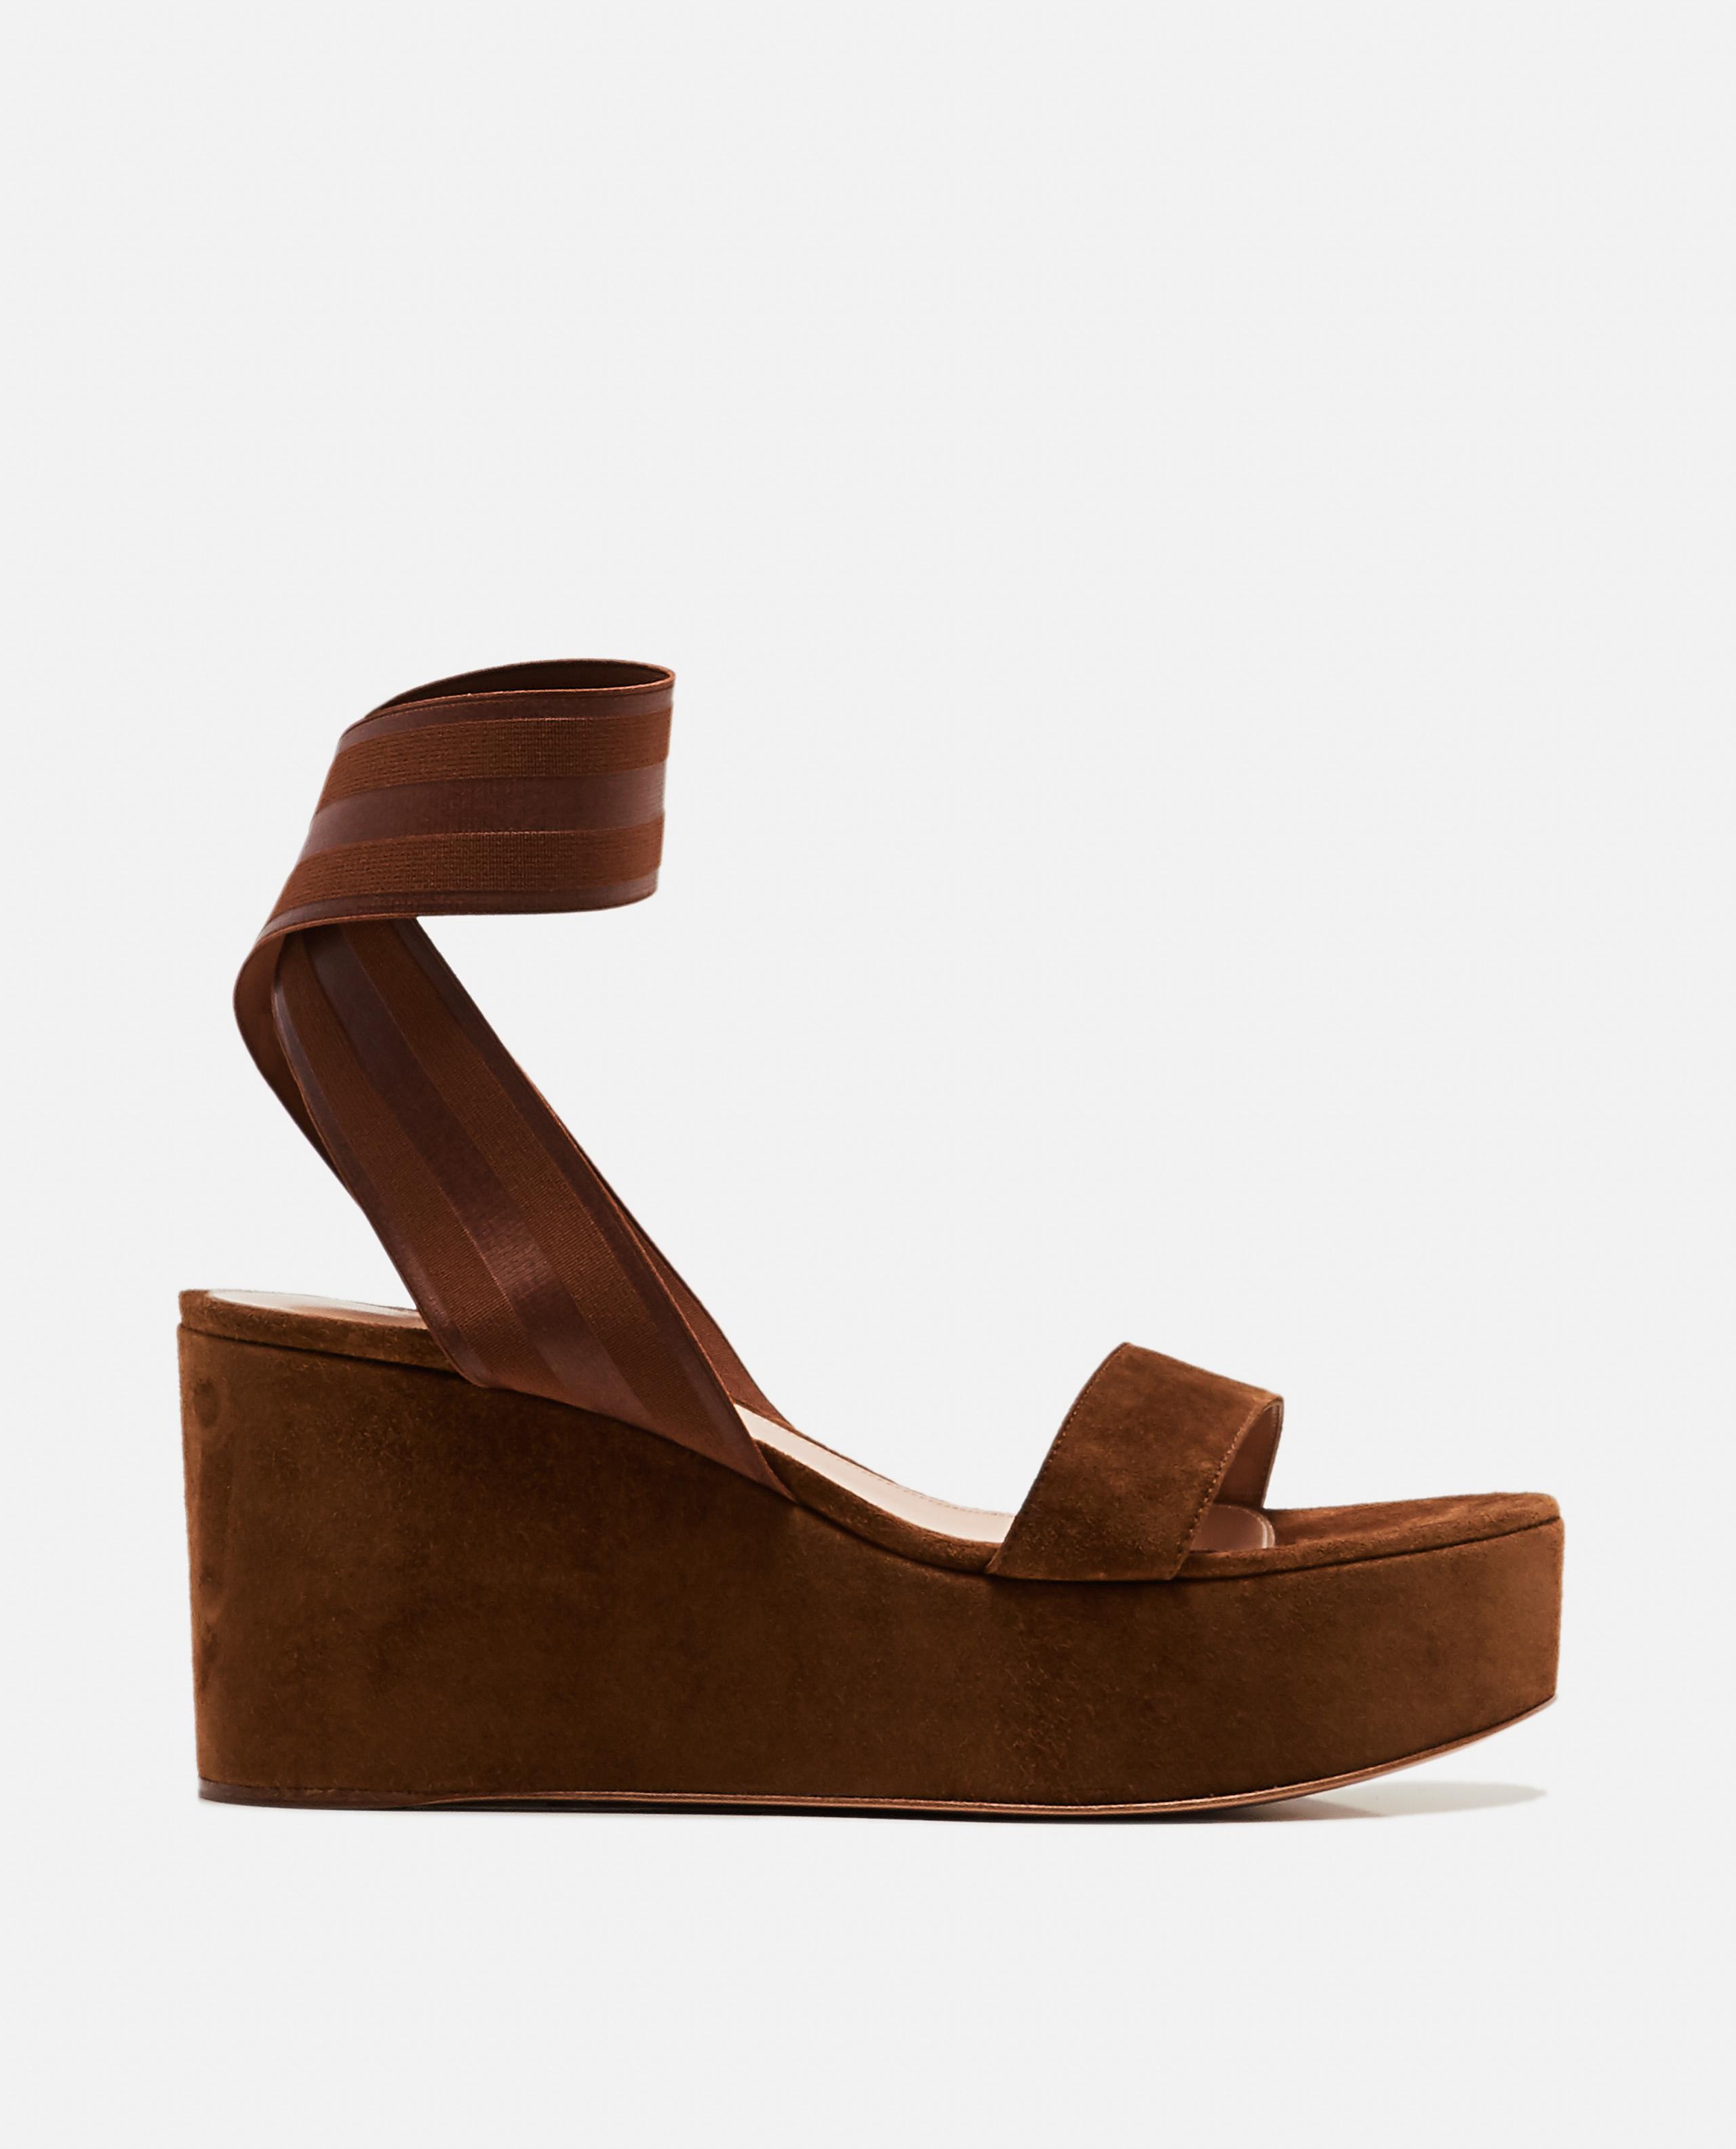 Hailee sandals